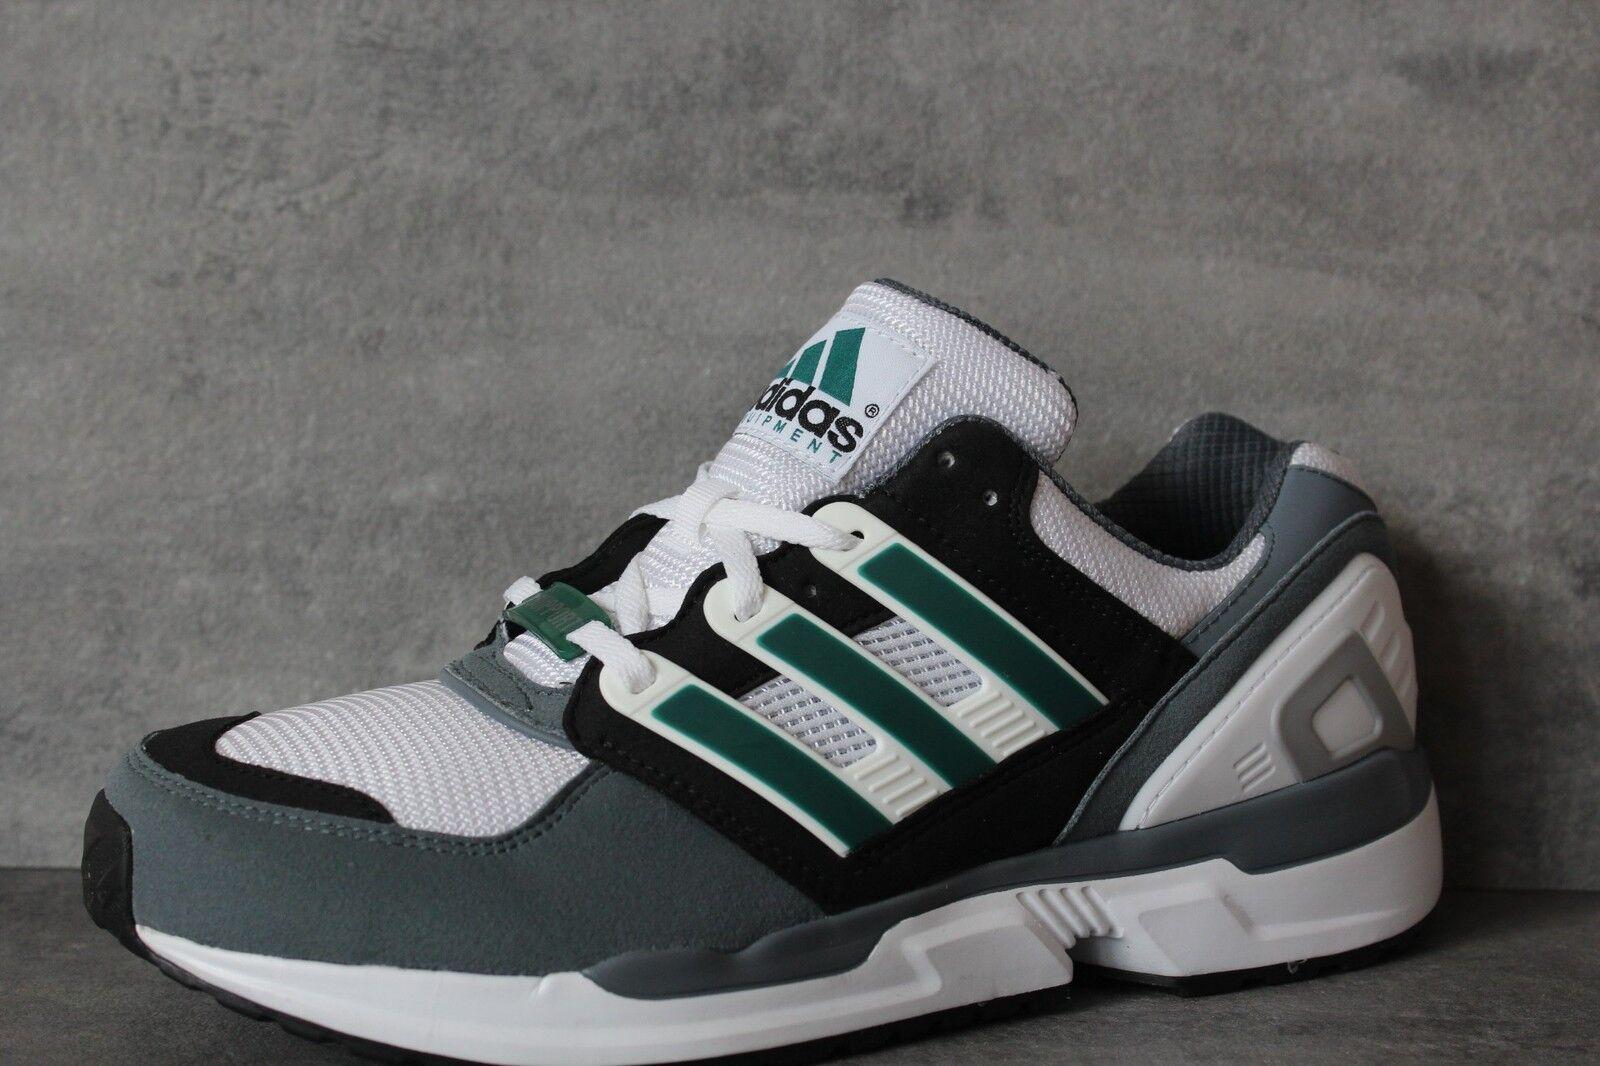 Adidas Support Equipment Eqt Torsion